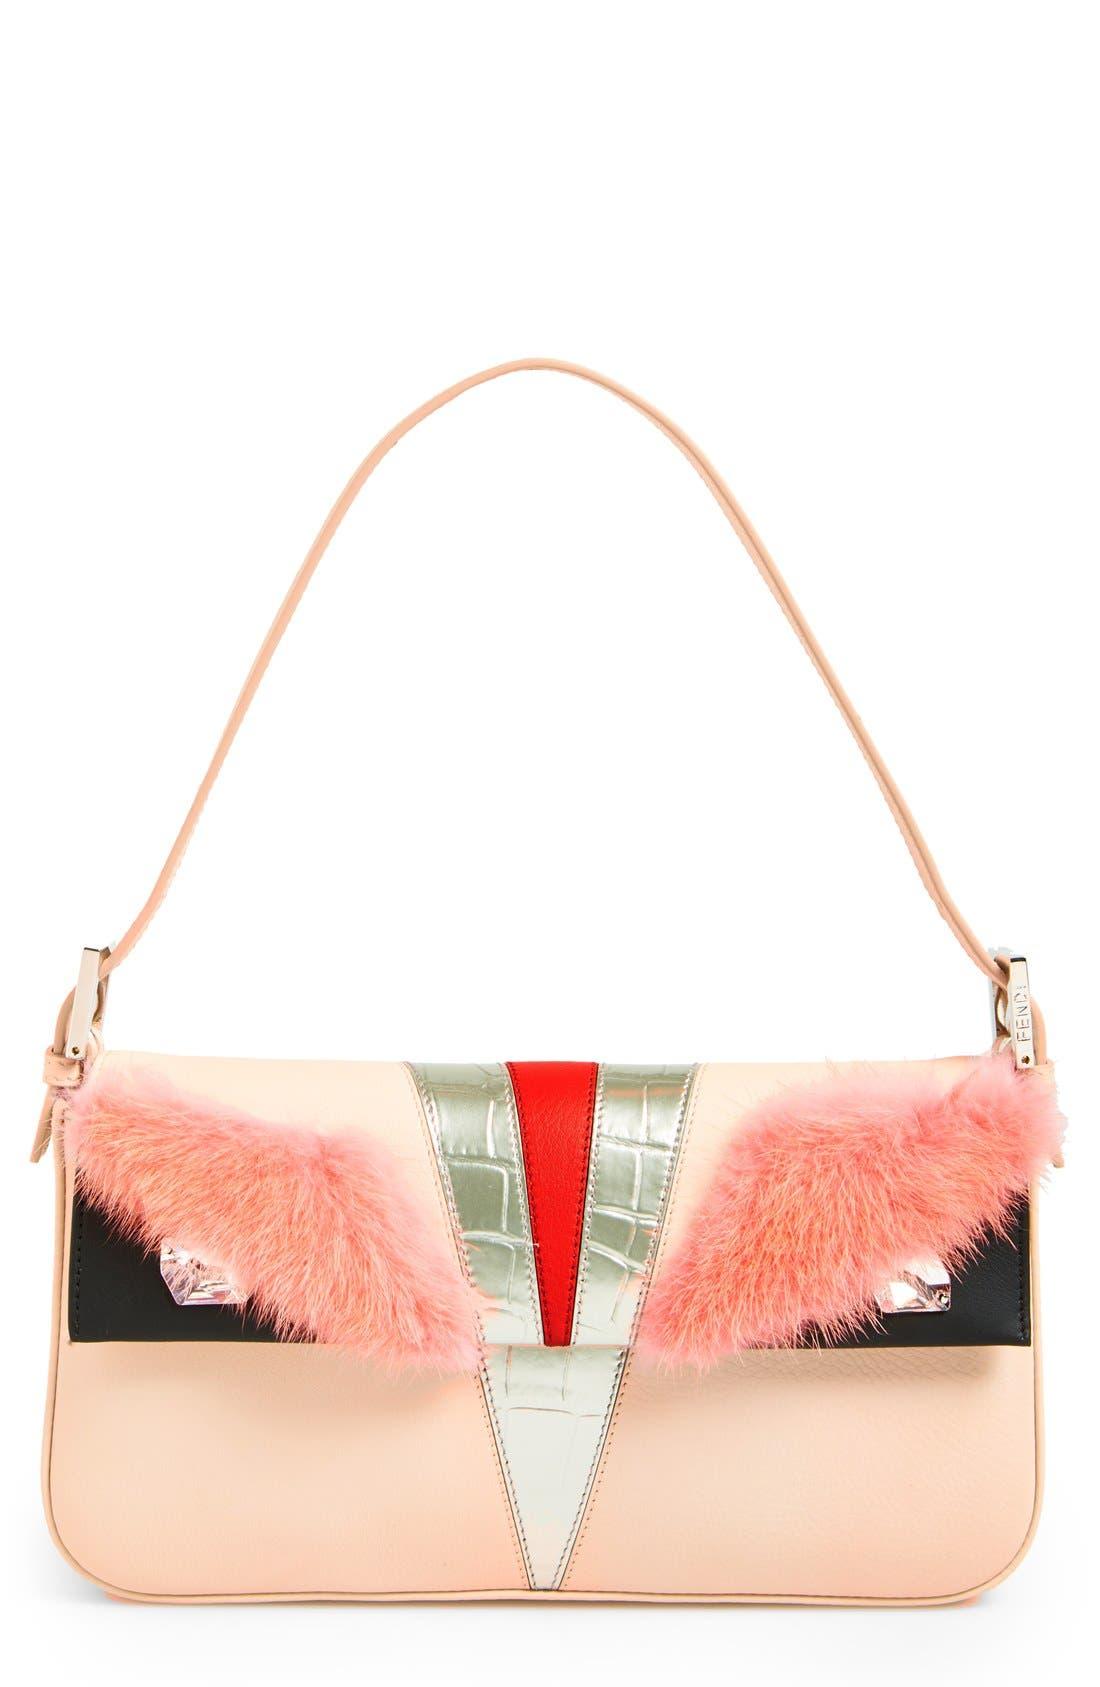 Alternate Image 1 Selected - Fendi 'Monster' Leather & Genuine Mink Fur Baguette